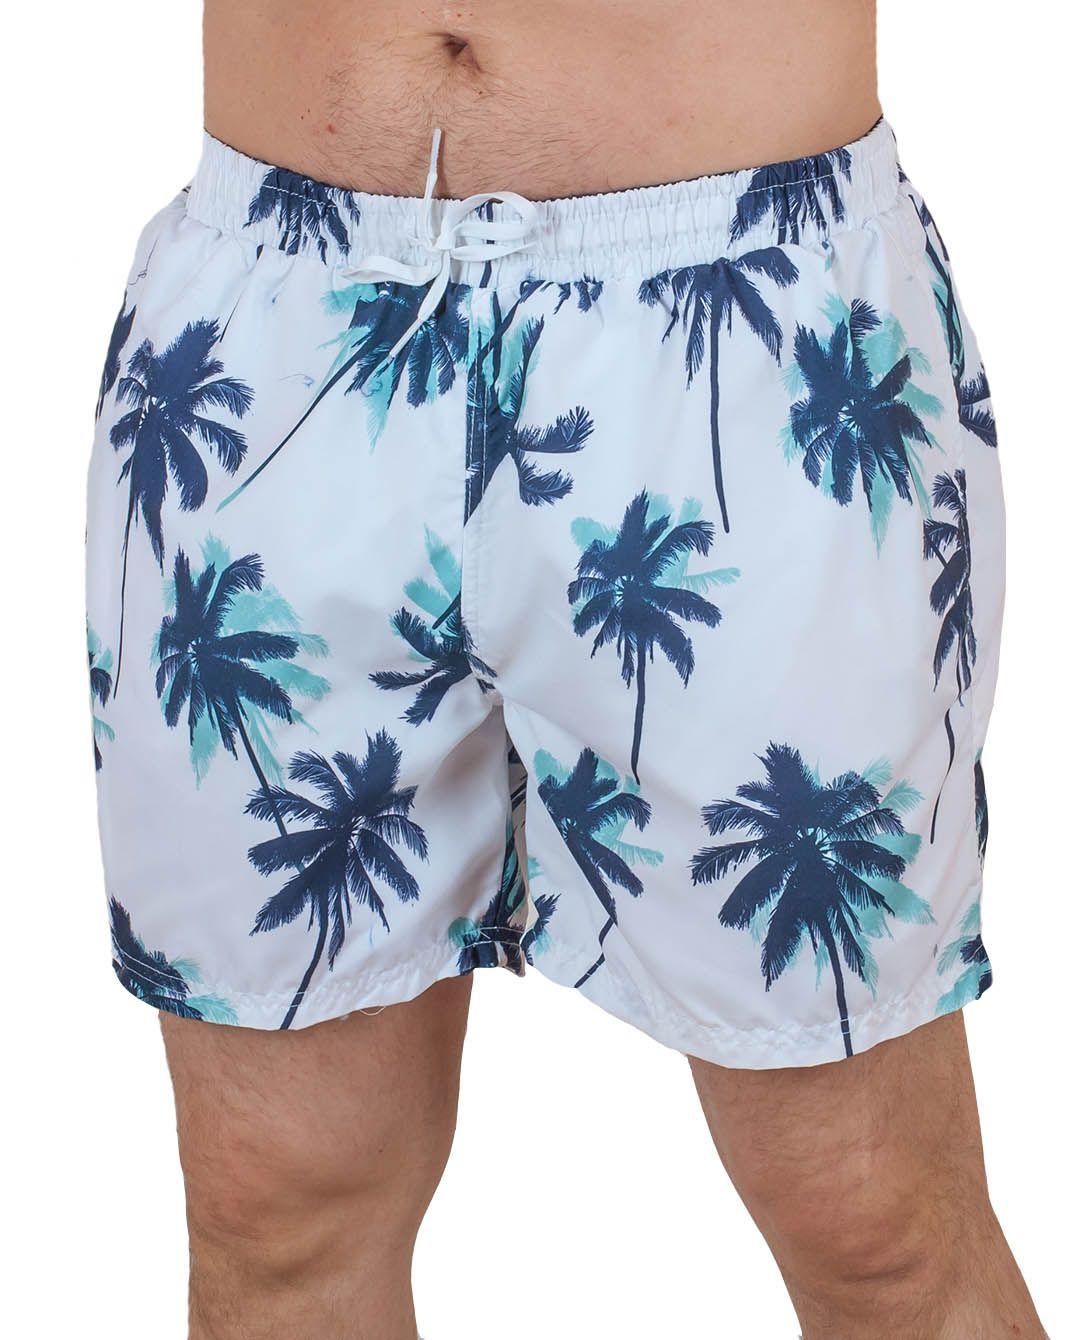 Курортные мужские шорты Casual - вид спереди